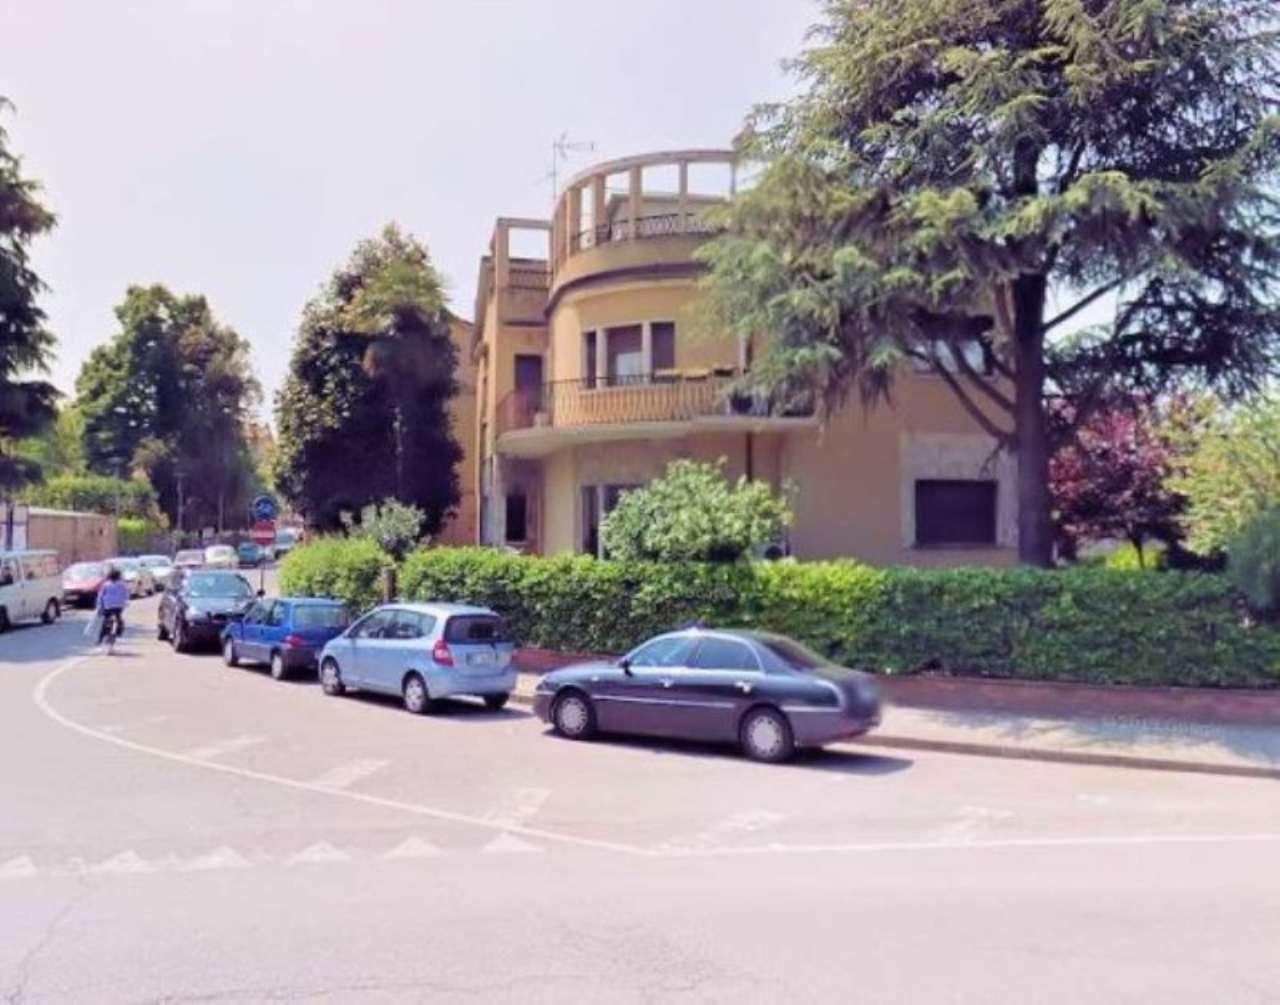 Villa in vendita a Forlimpopoli, 6 locali, prezzo € 349.000   CambioCasa.it